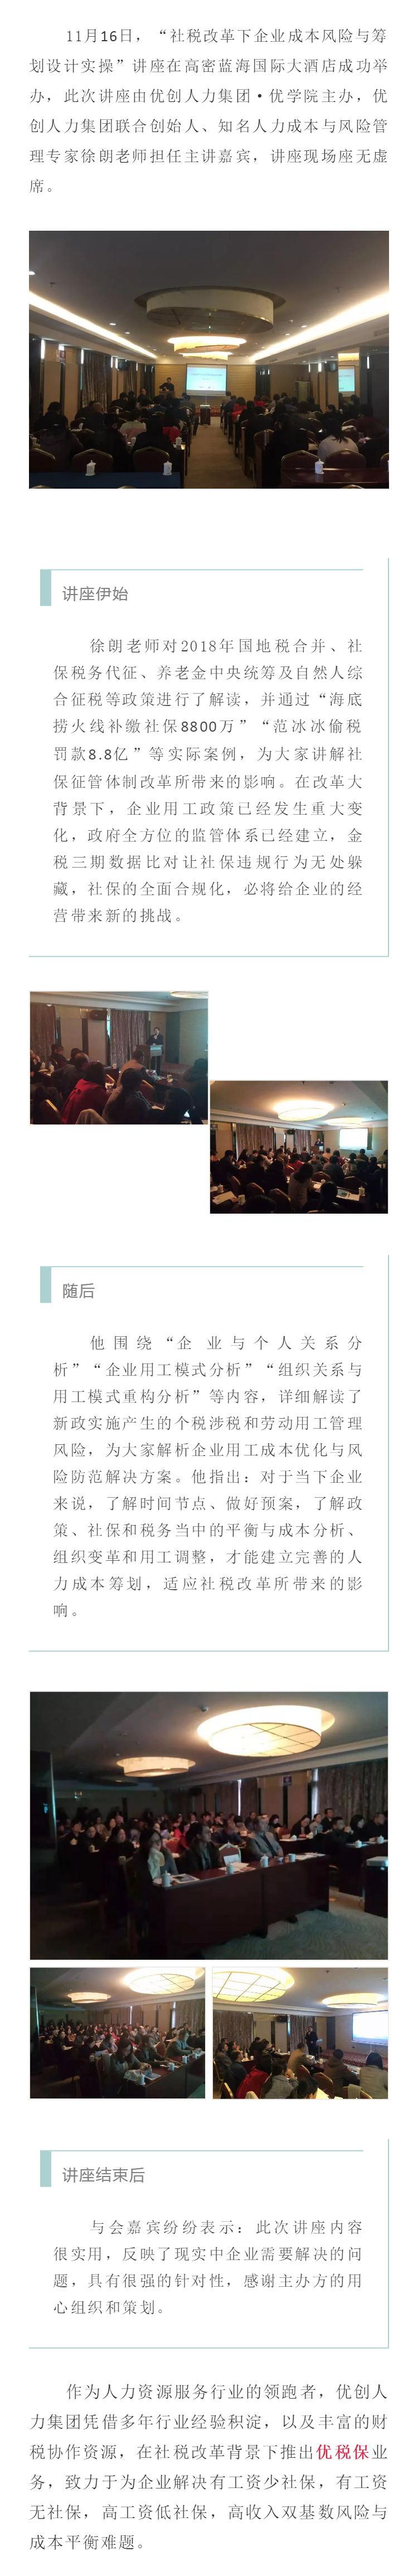 test-2_看图王_看图王_看图王